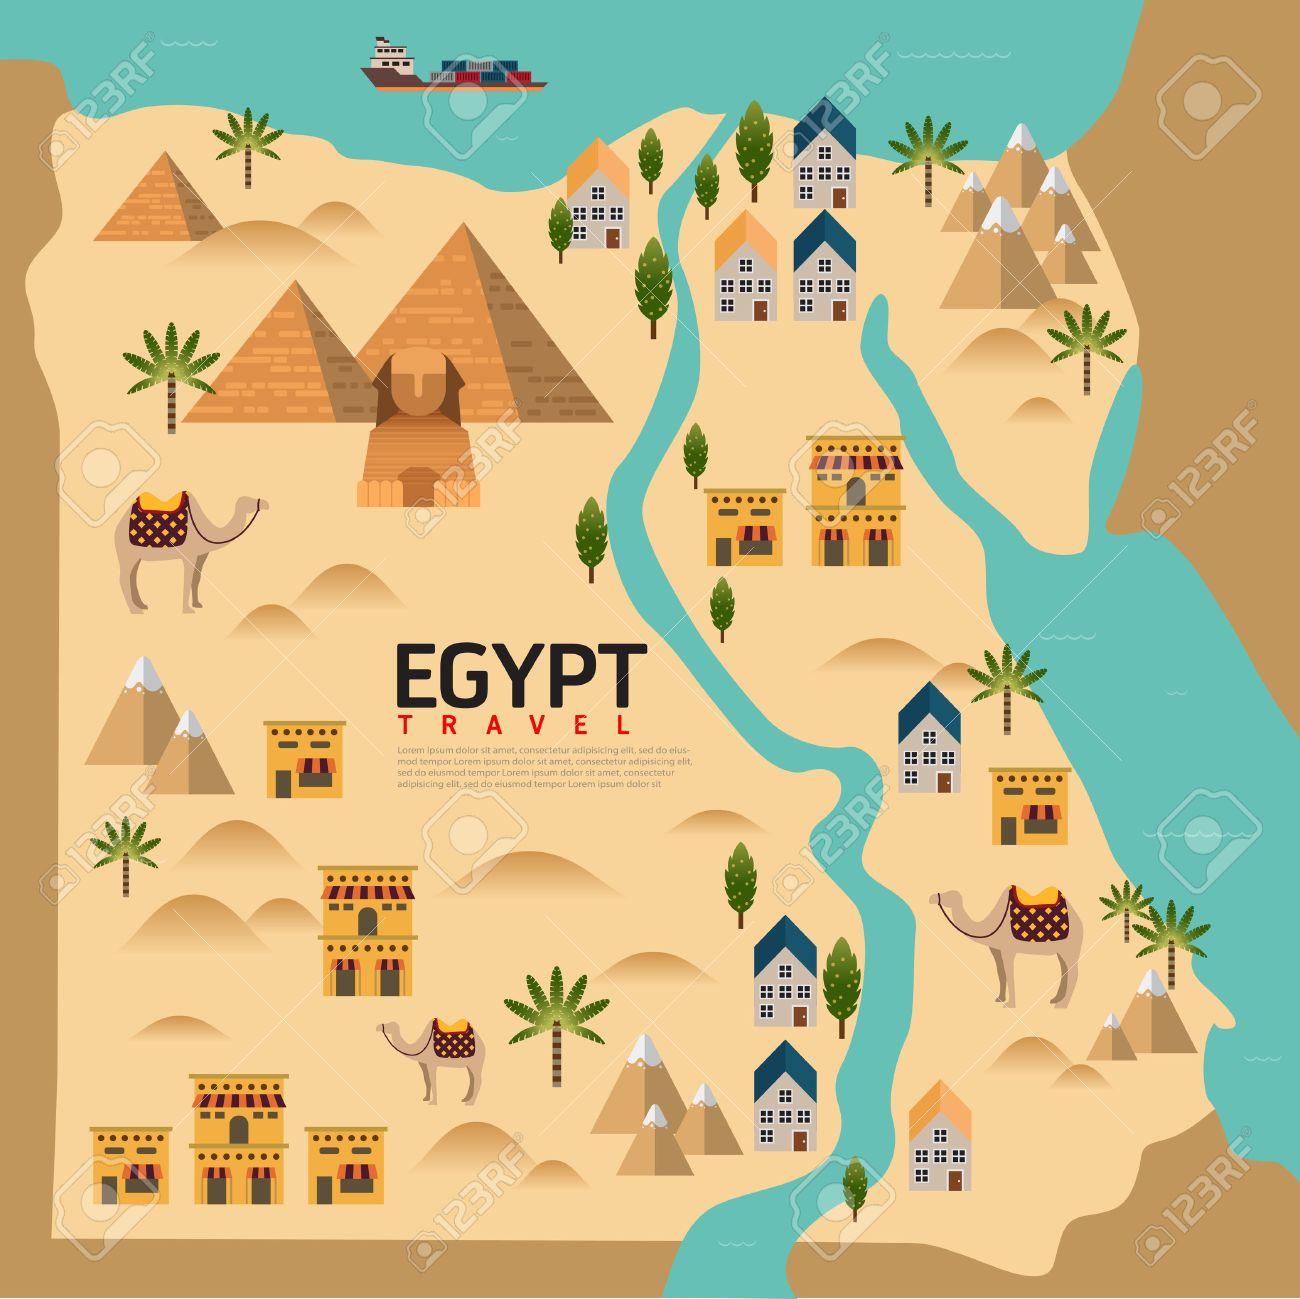 Design Egypt Travel And Landmark ConceptVector Royalty Free - Map of egypt landmarks